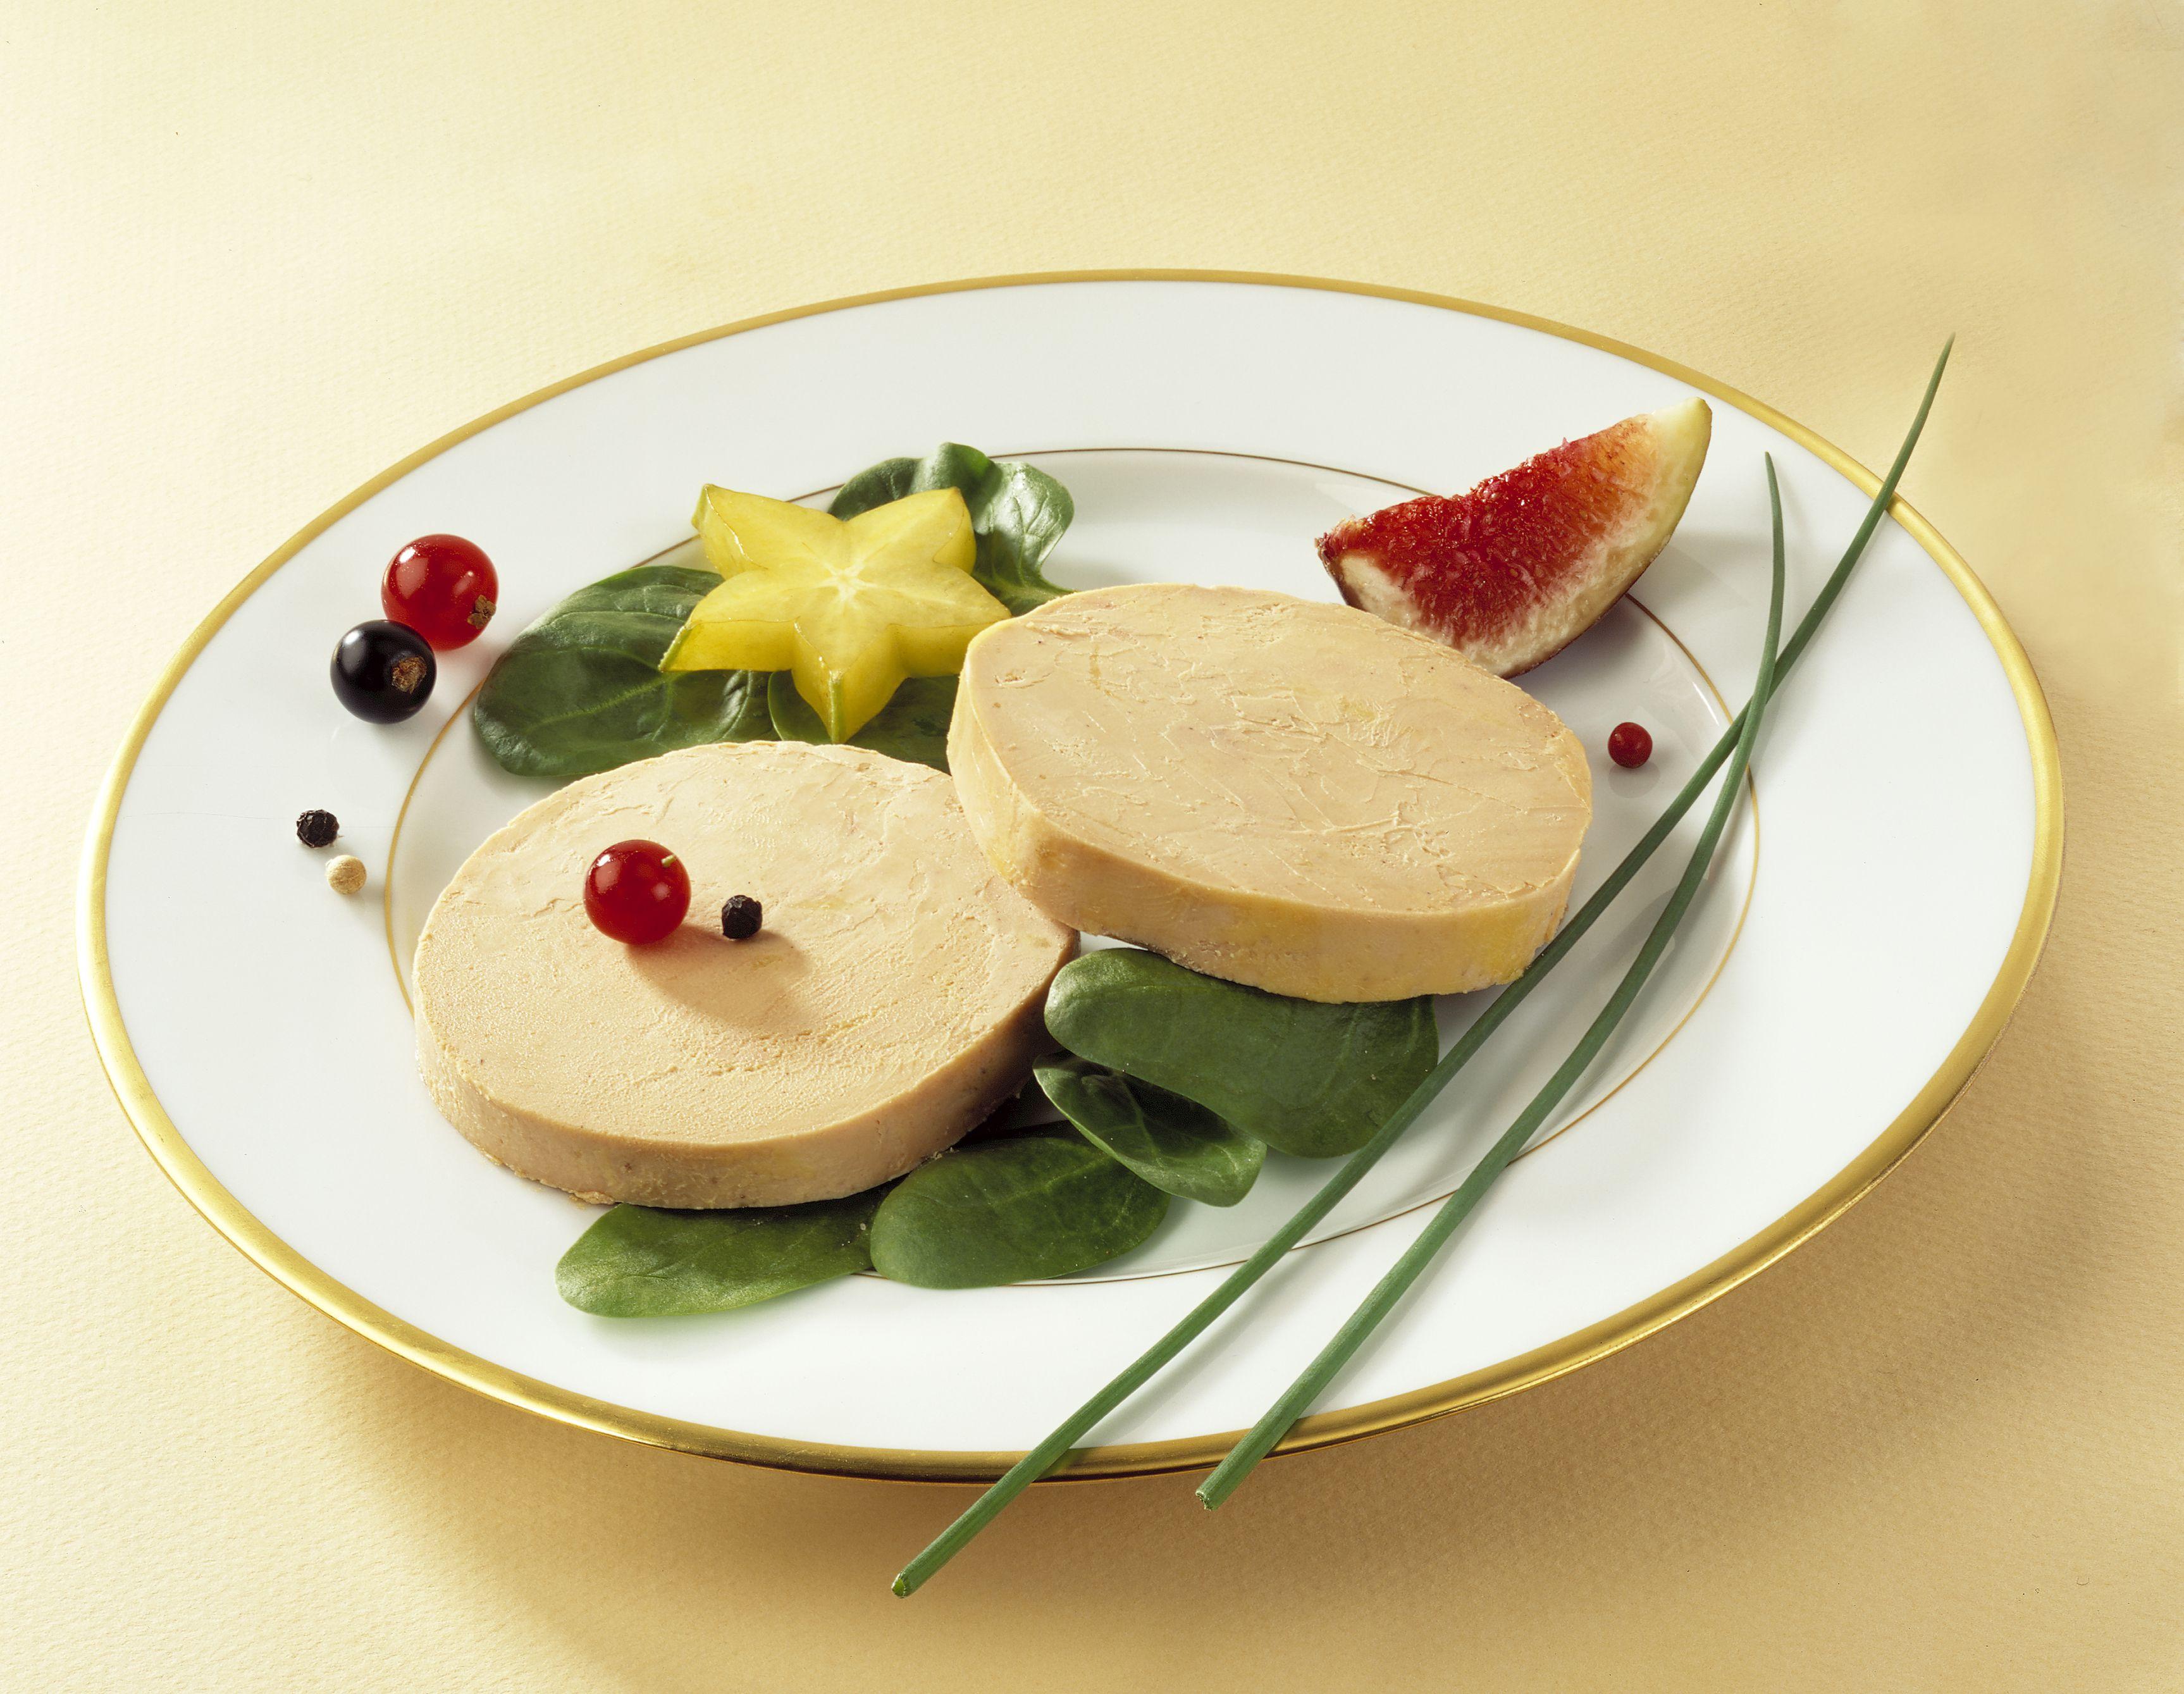 Five dead 'after eating foie gras' at nursing home in France